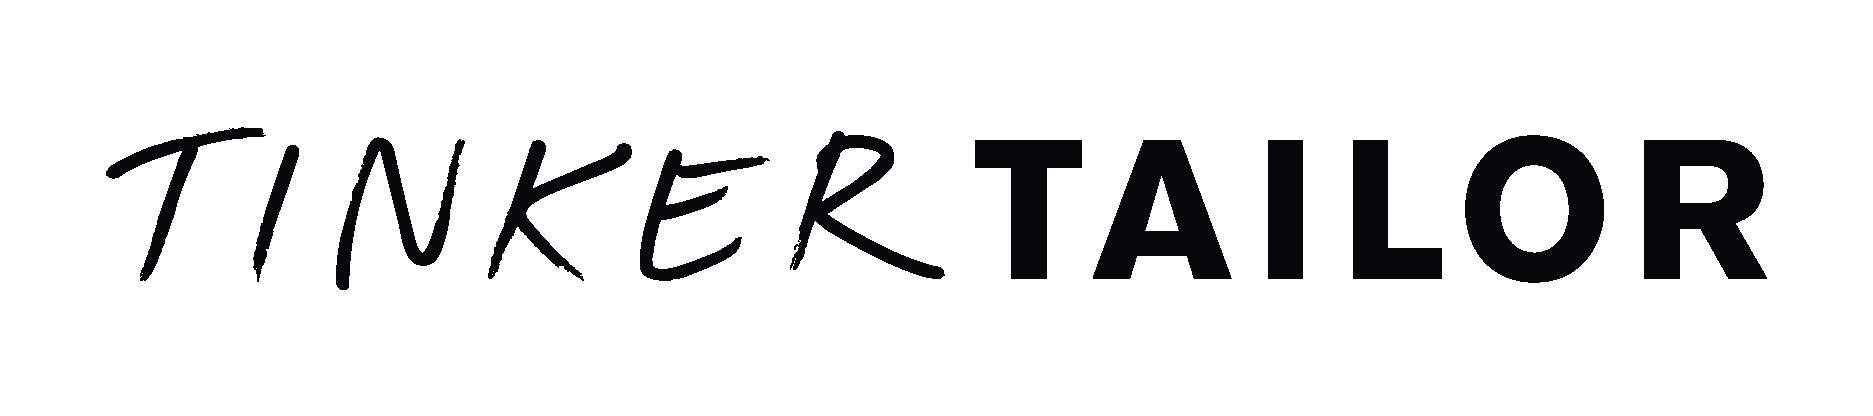 TinkerTailor_LogoBlack_H.png